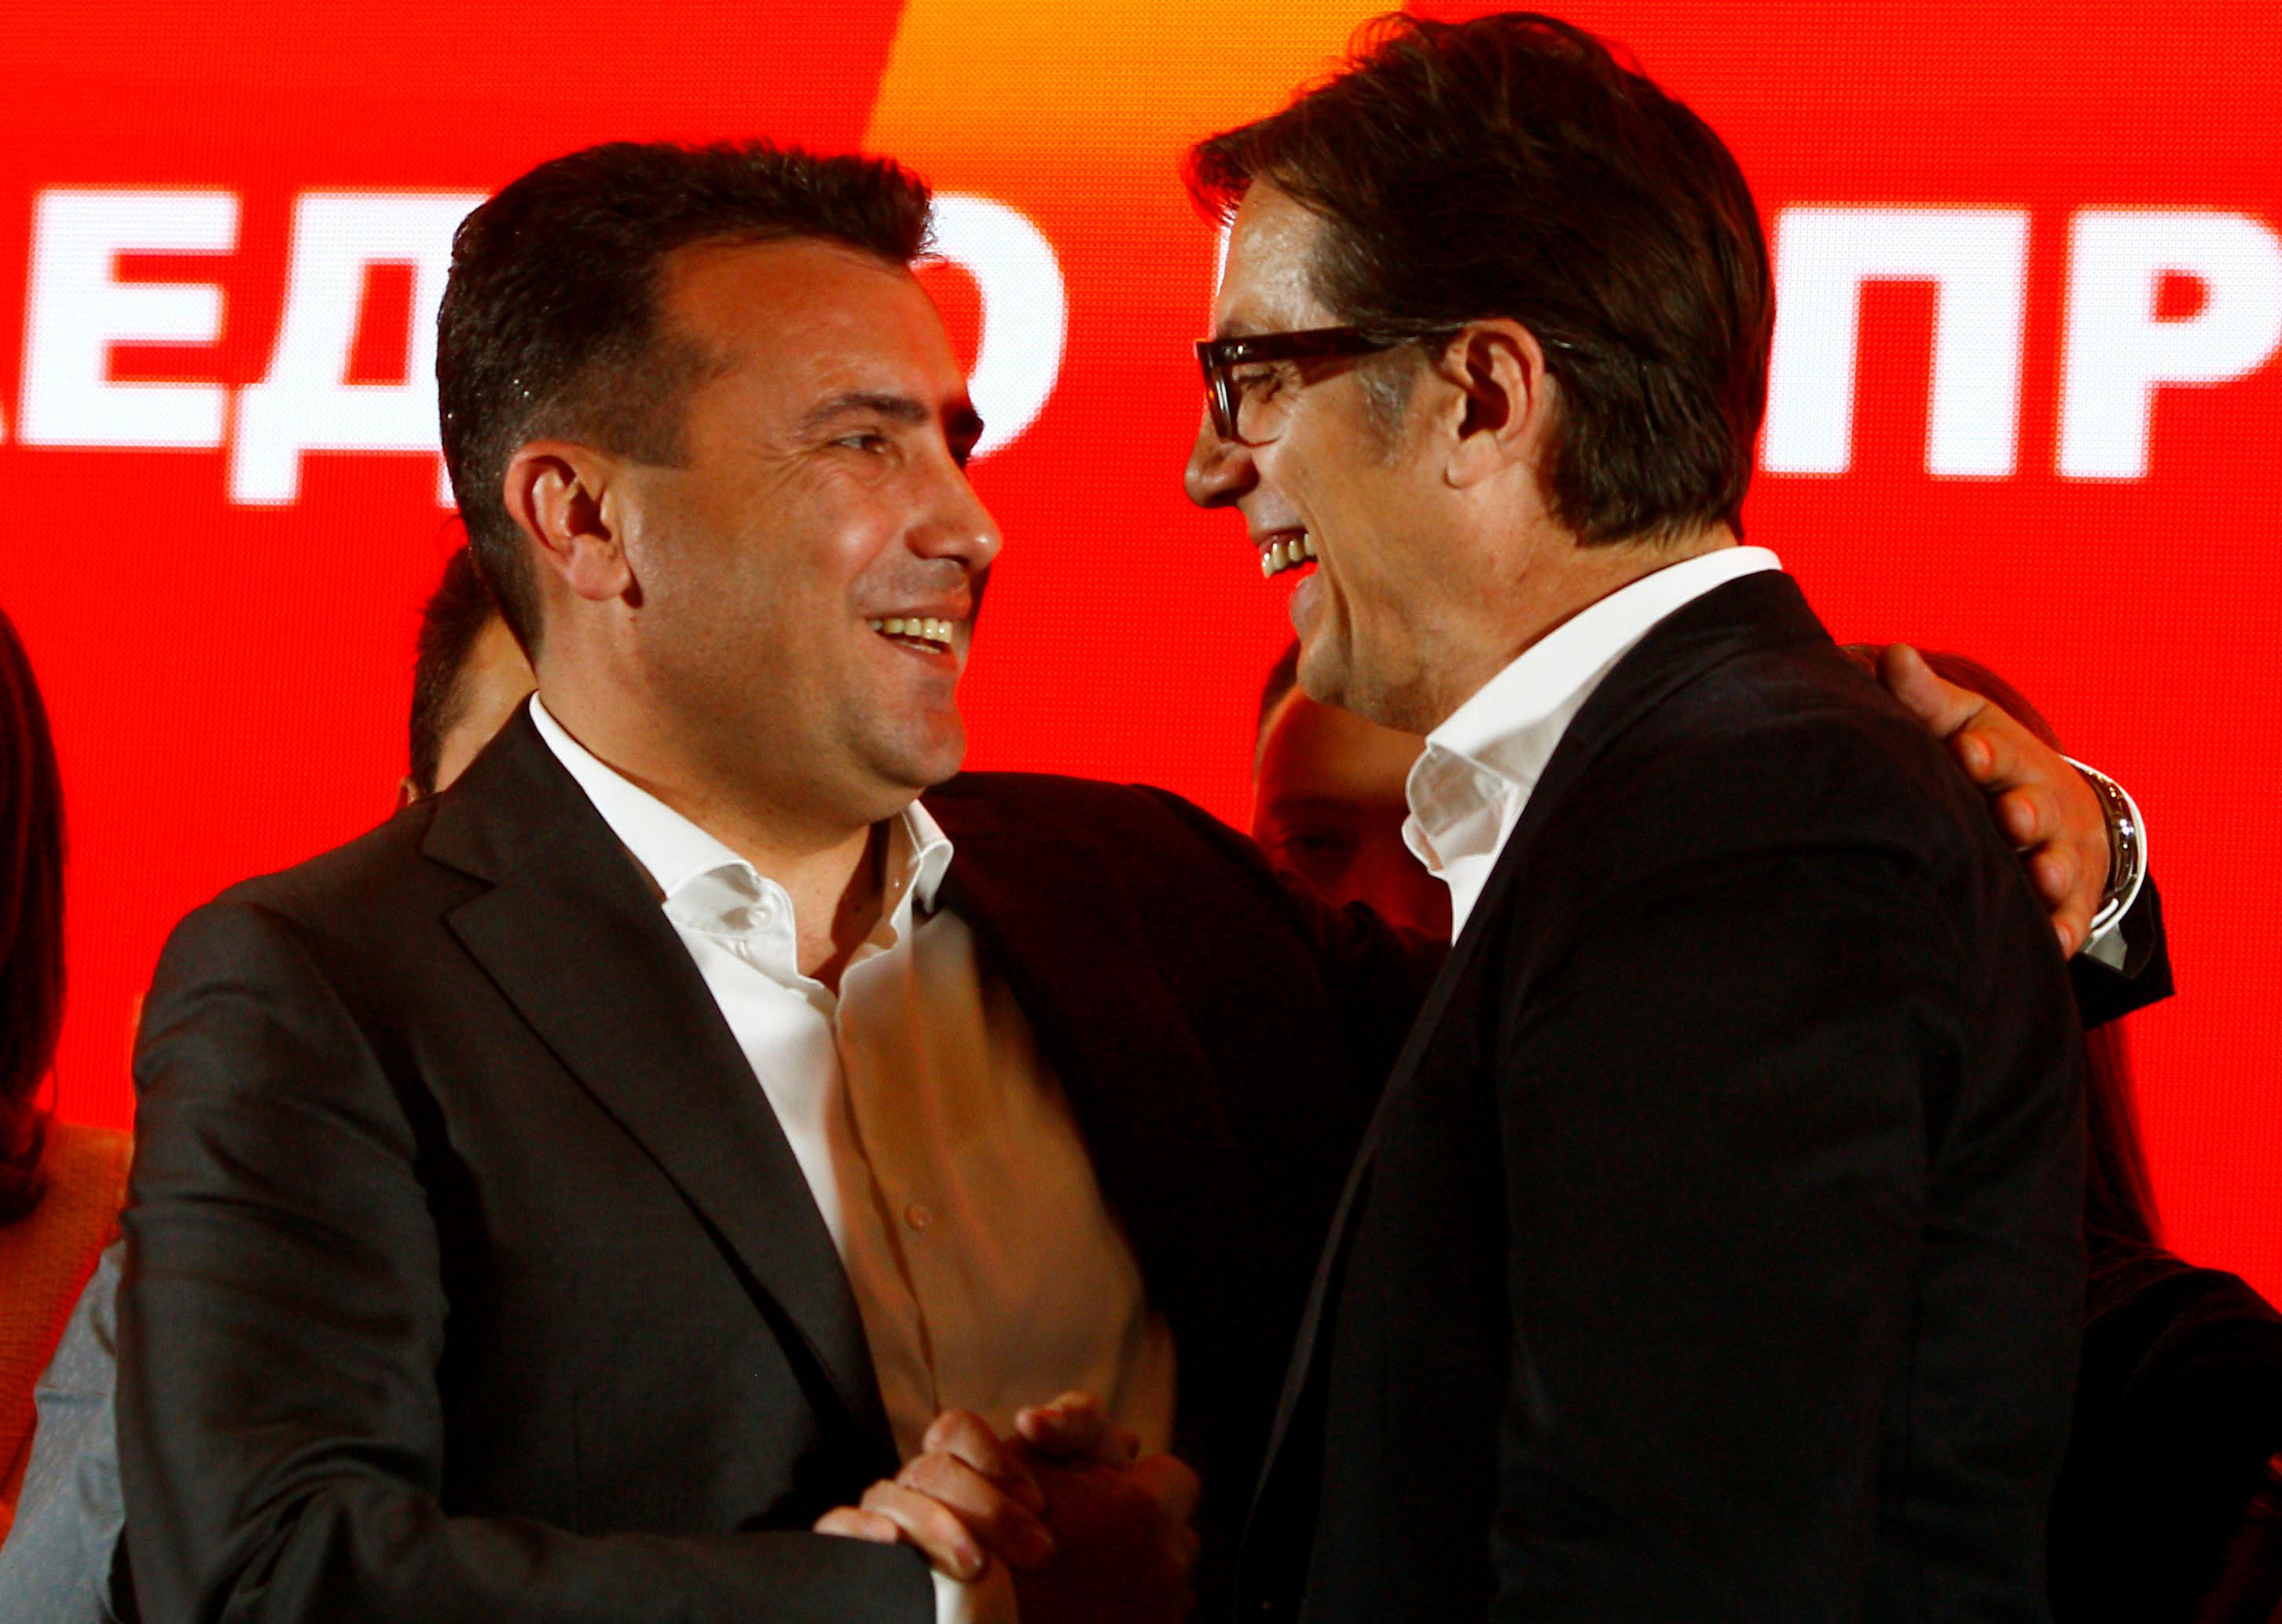 Νικητής των εκλογών του πρώτου γύρου της «Βόρειας Μακεδονίας» ο εκλεκτός του Ζ. Ζάεφ, Στέβο Πεντάροφσκι